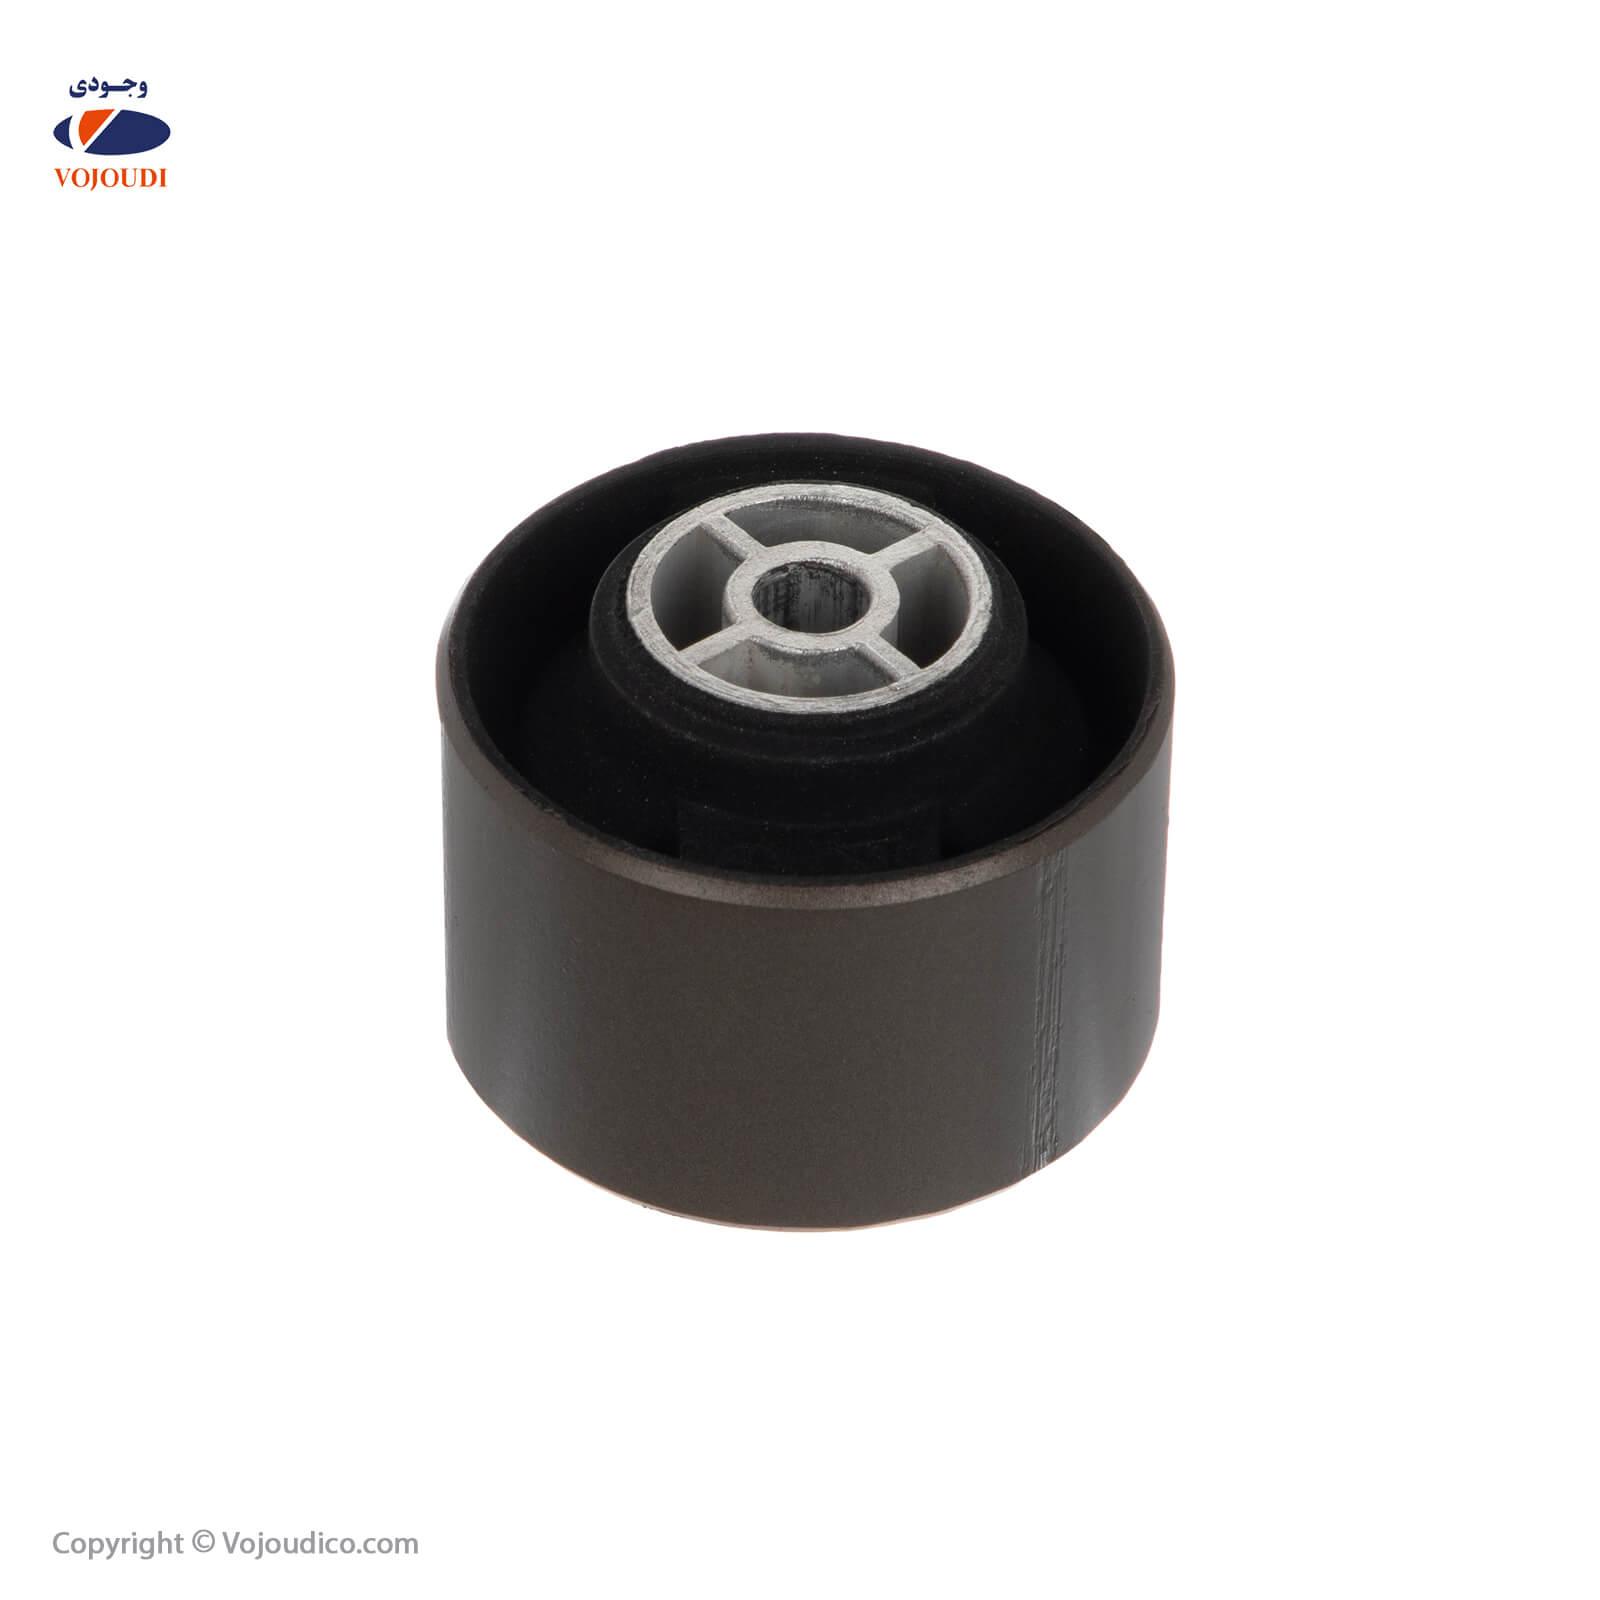 3729 1 - دسته موتور گرد فلزی وجودی کد 3729 مناسب برای 206 ، تعداد بسته : 30 عدد